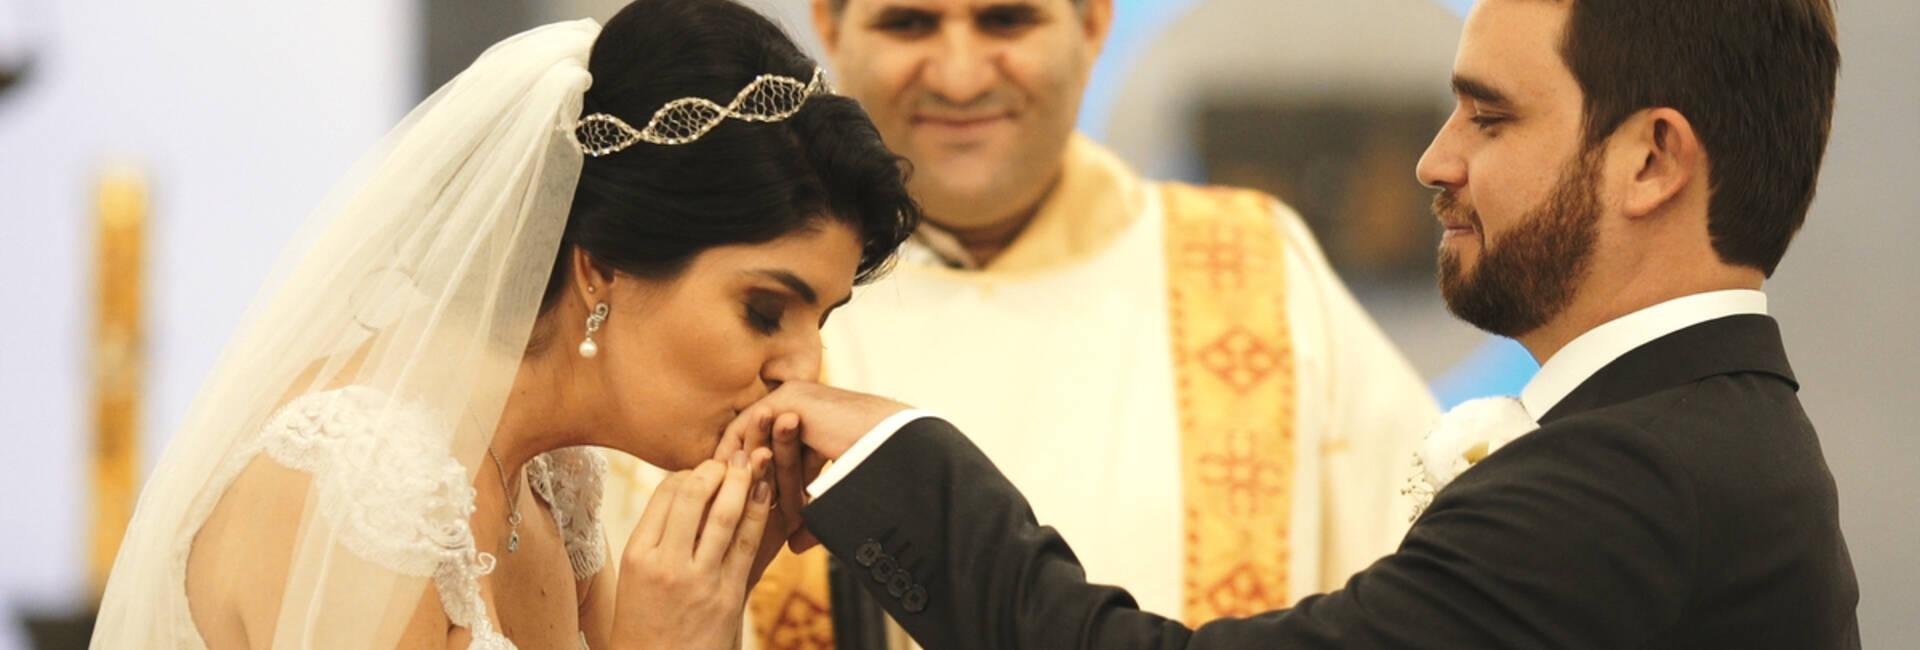 Trailer de Casamento de Luíz Gustavo e Roberta